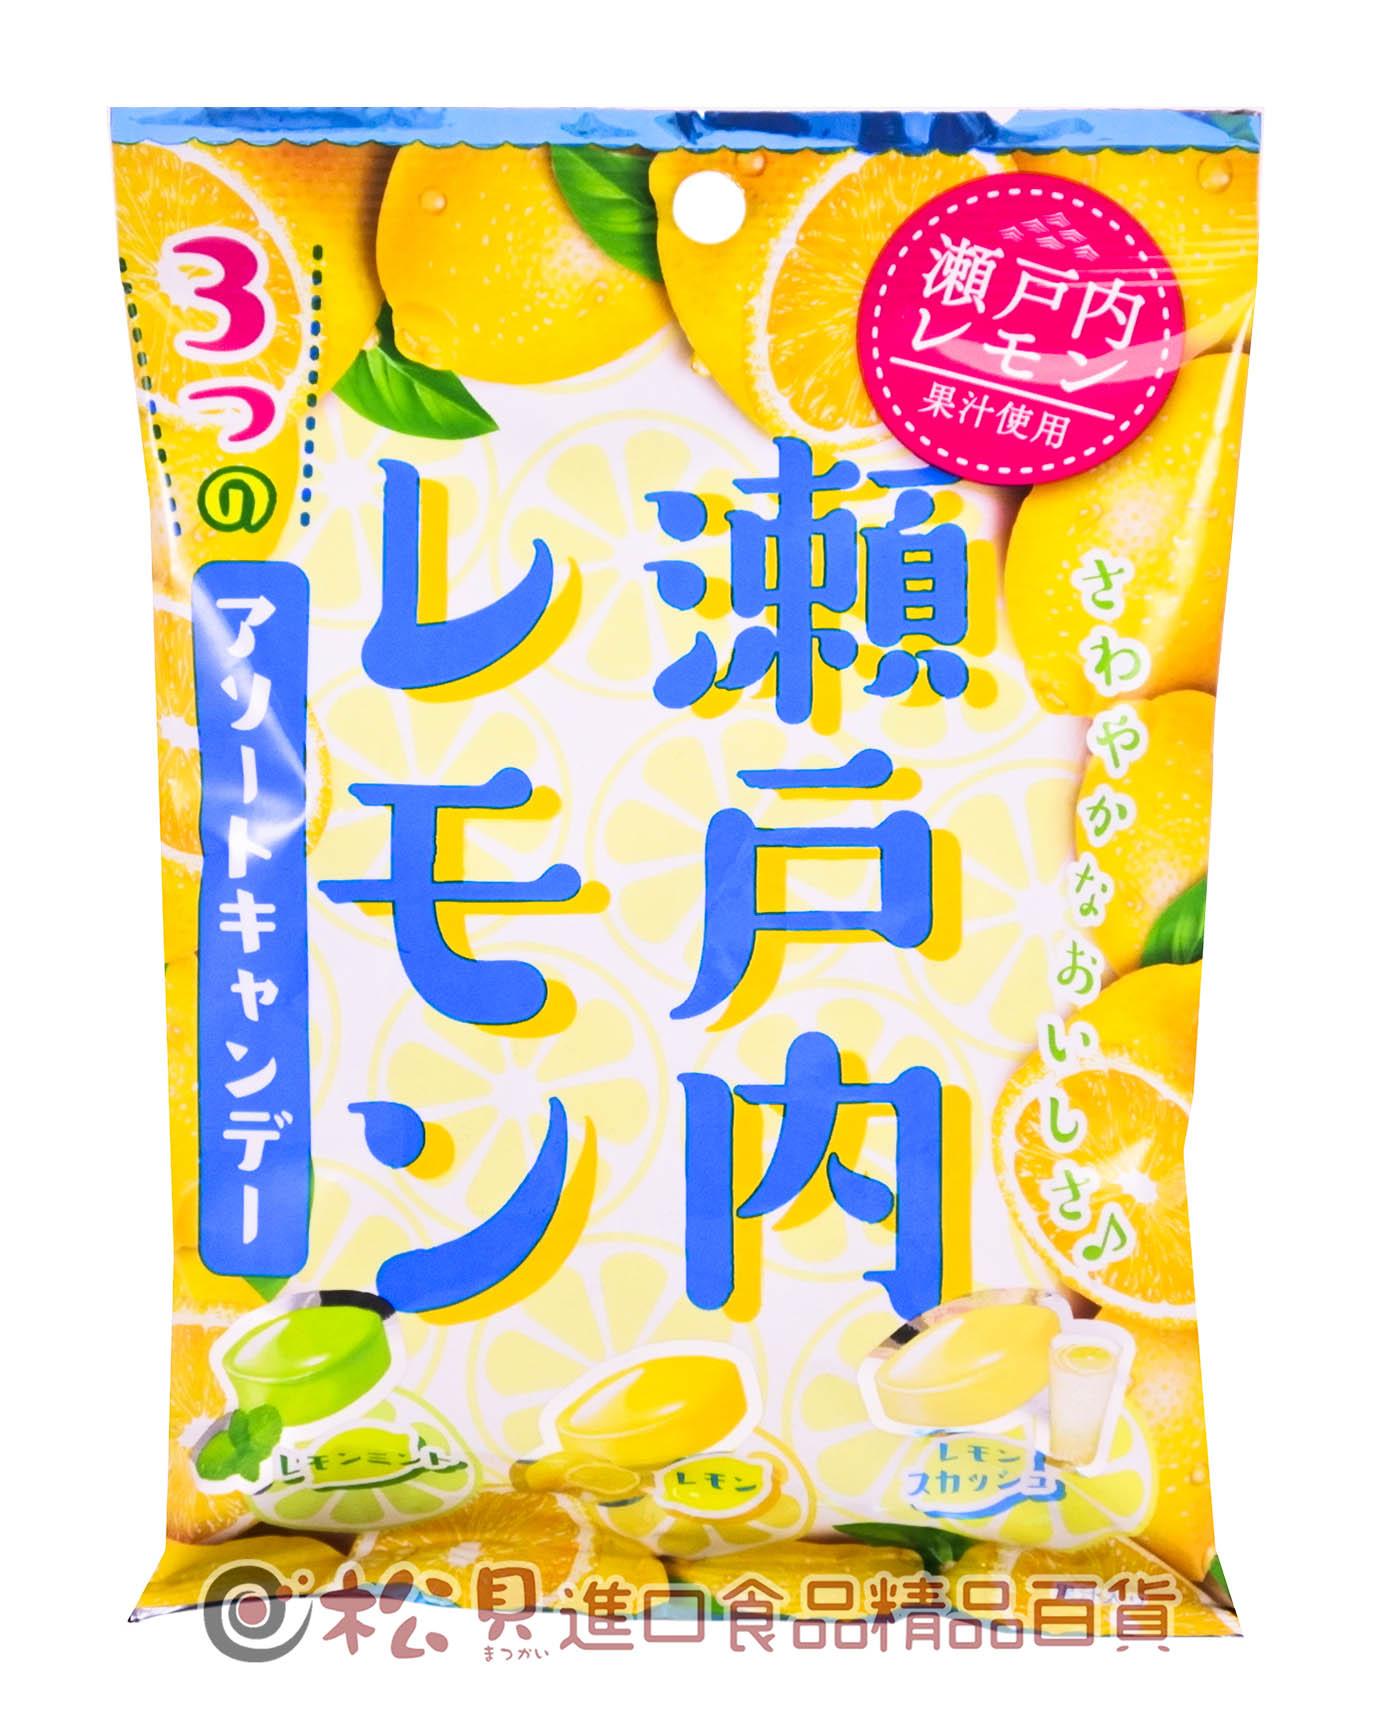 扇雀飴瀨戶內檸檬果汁糖70g【4901650292462】